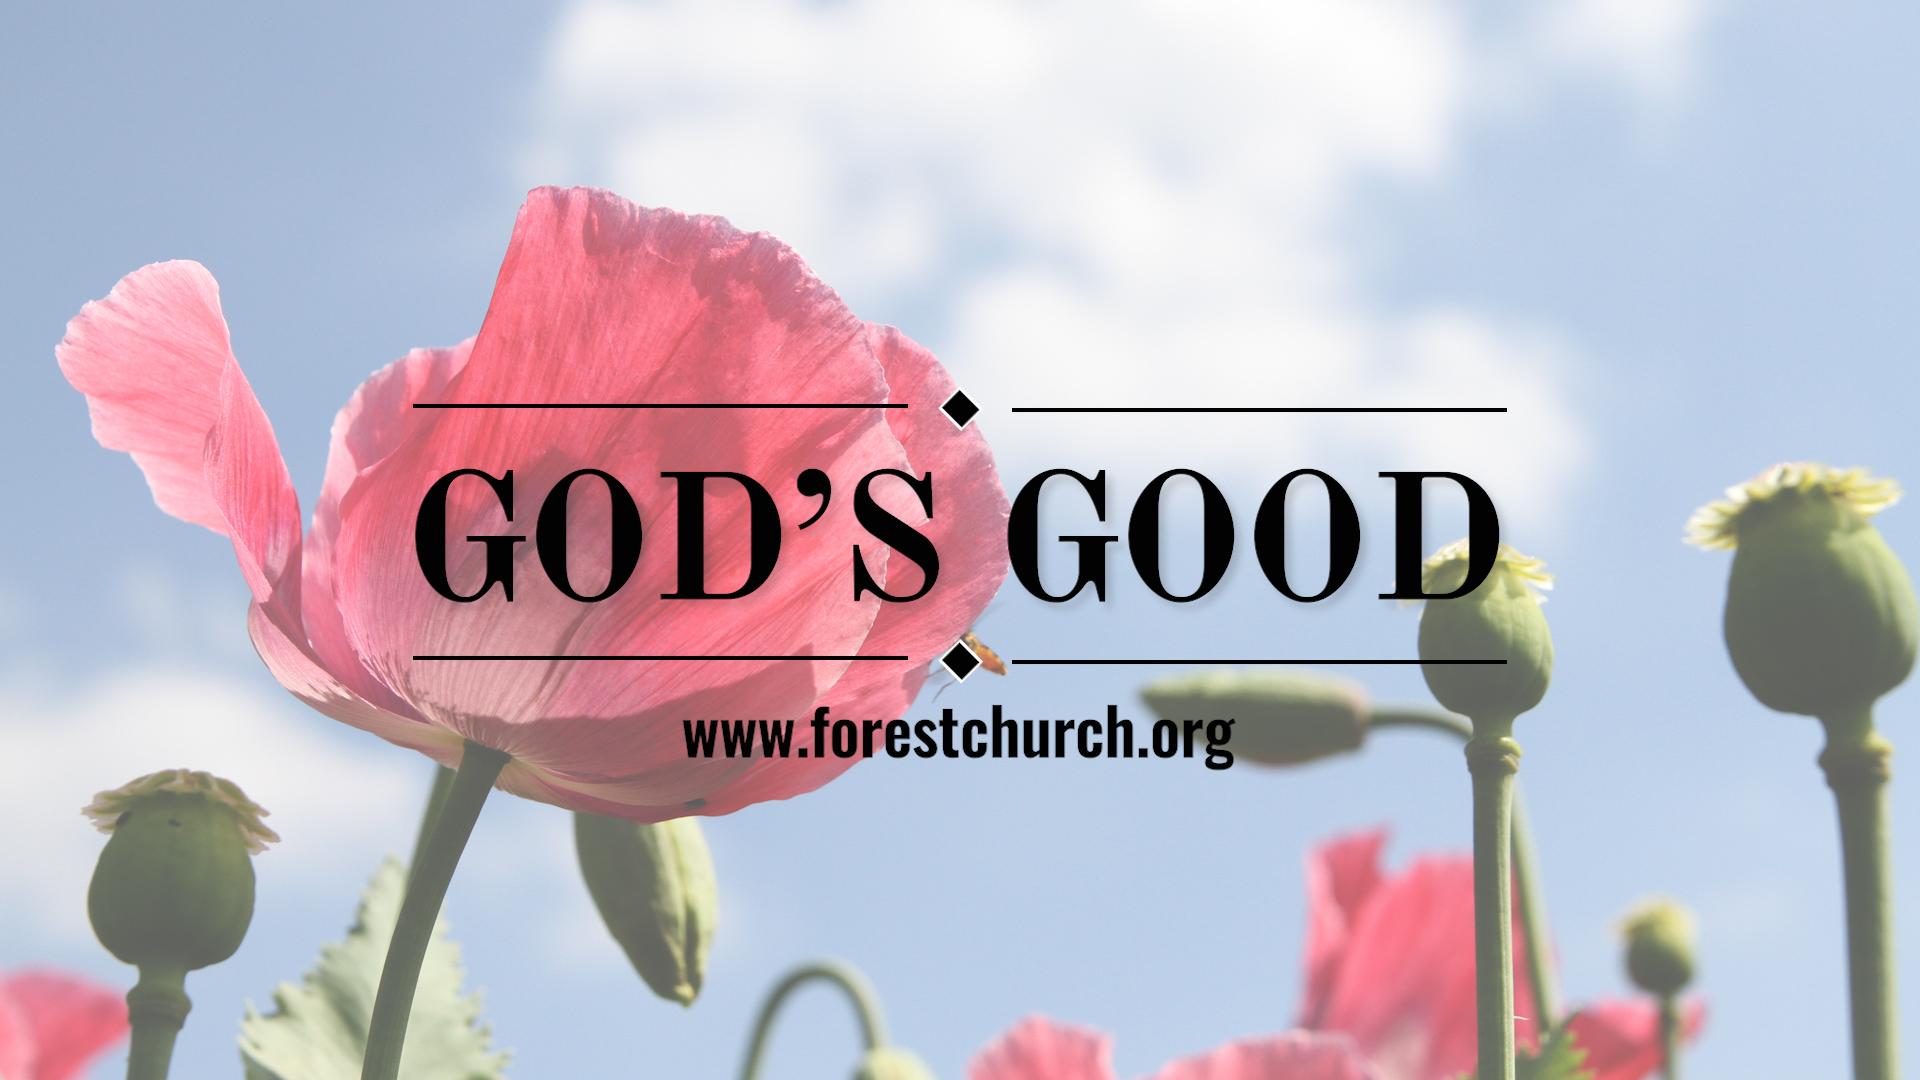 God's Good